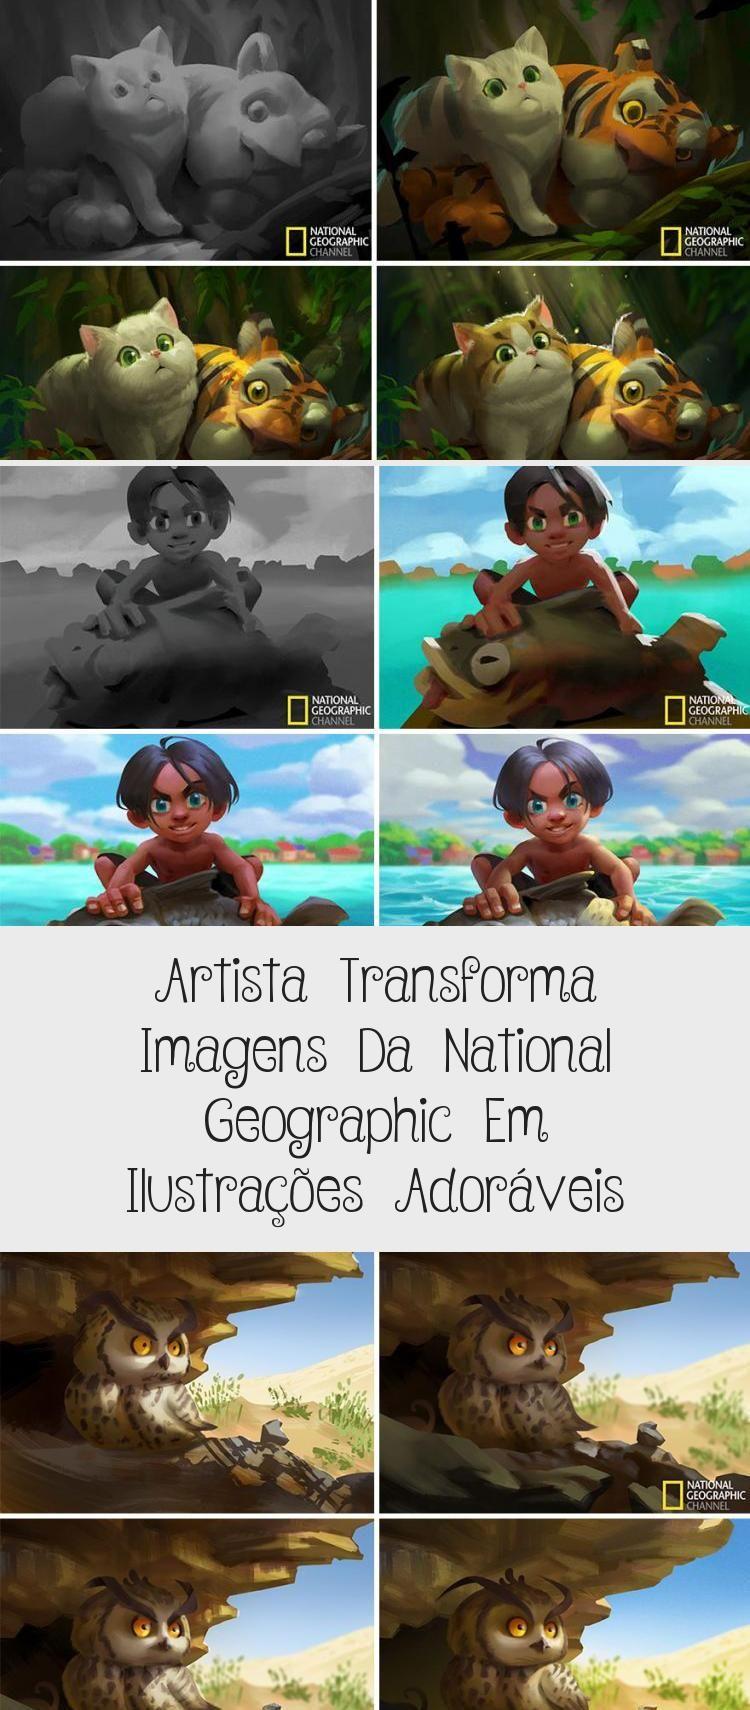 Artista transforma imagens da National Geographic em ilustrações adoráveis